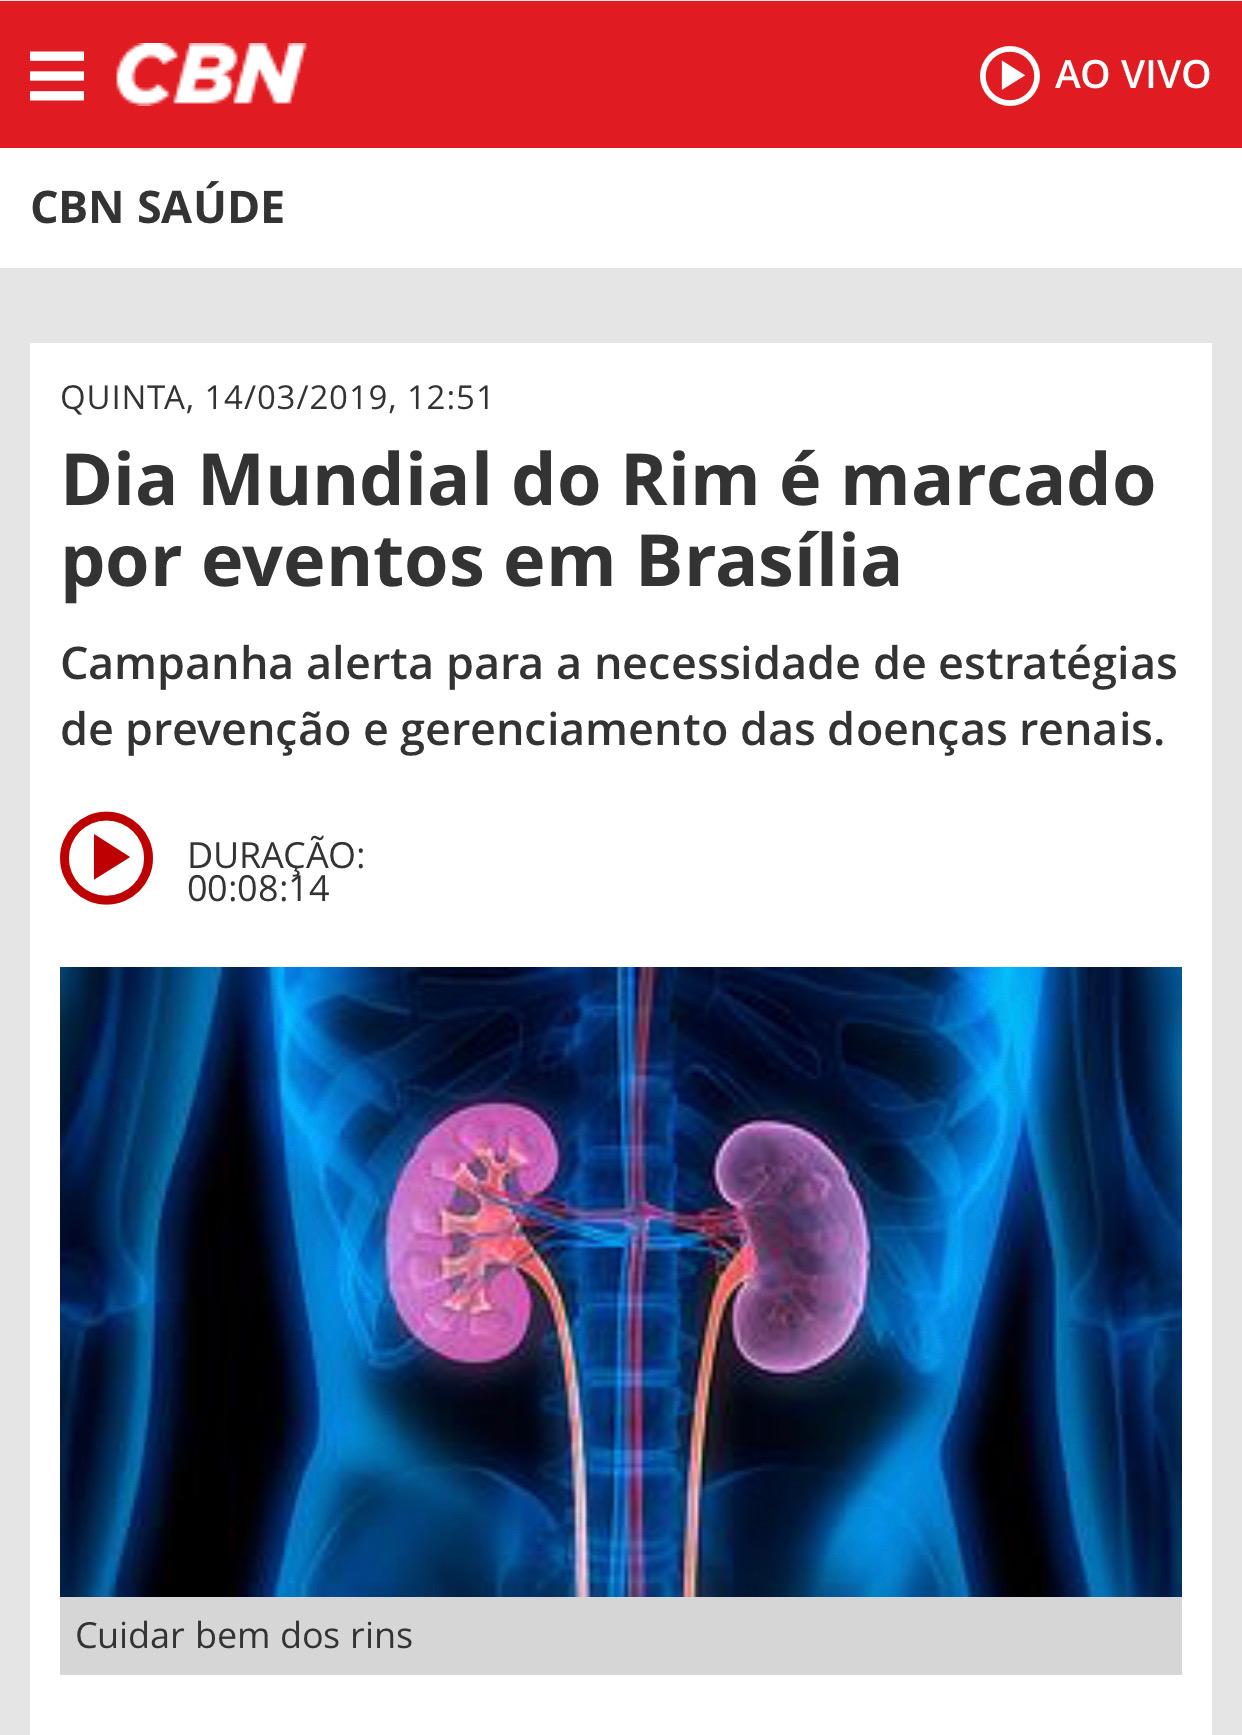 Rádio CBN Brasília - Dra. Maria Letícia CDRB - 14-03-2019